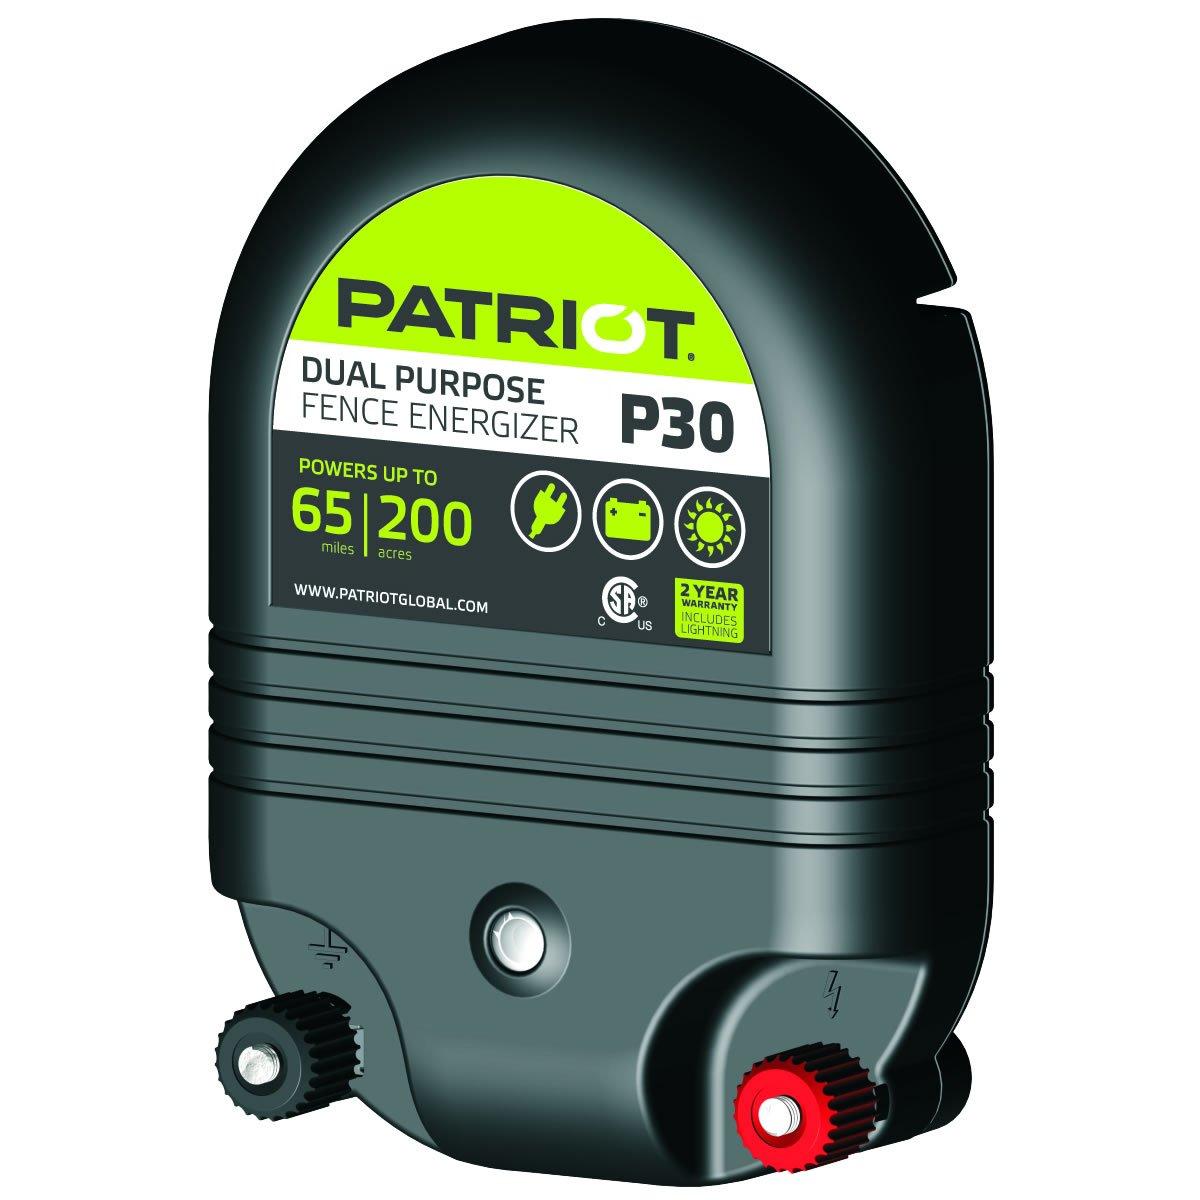 P30 Patriot P30 Dual Purpose Electric Fence Energizer, 3.0 Joule